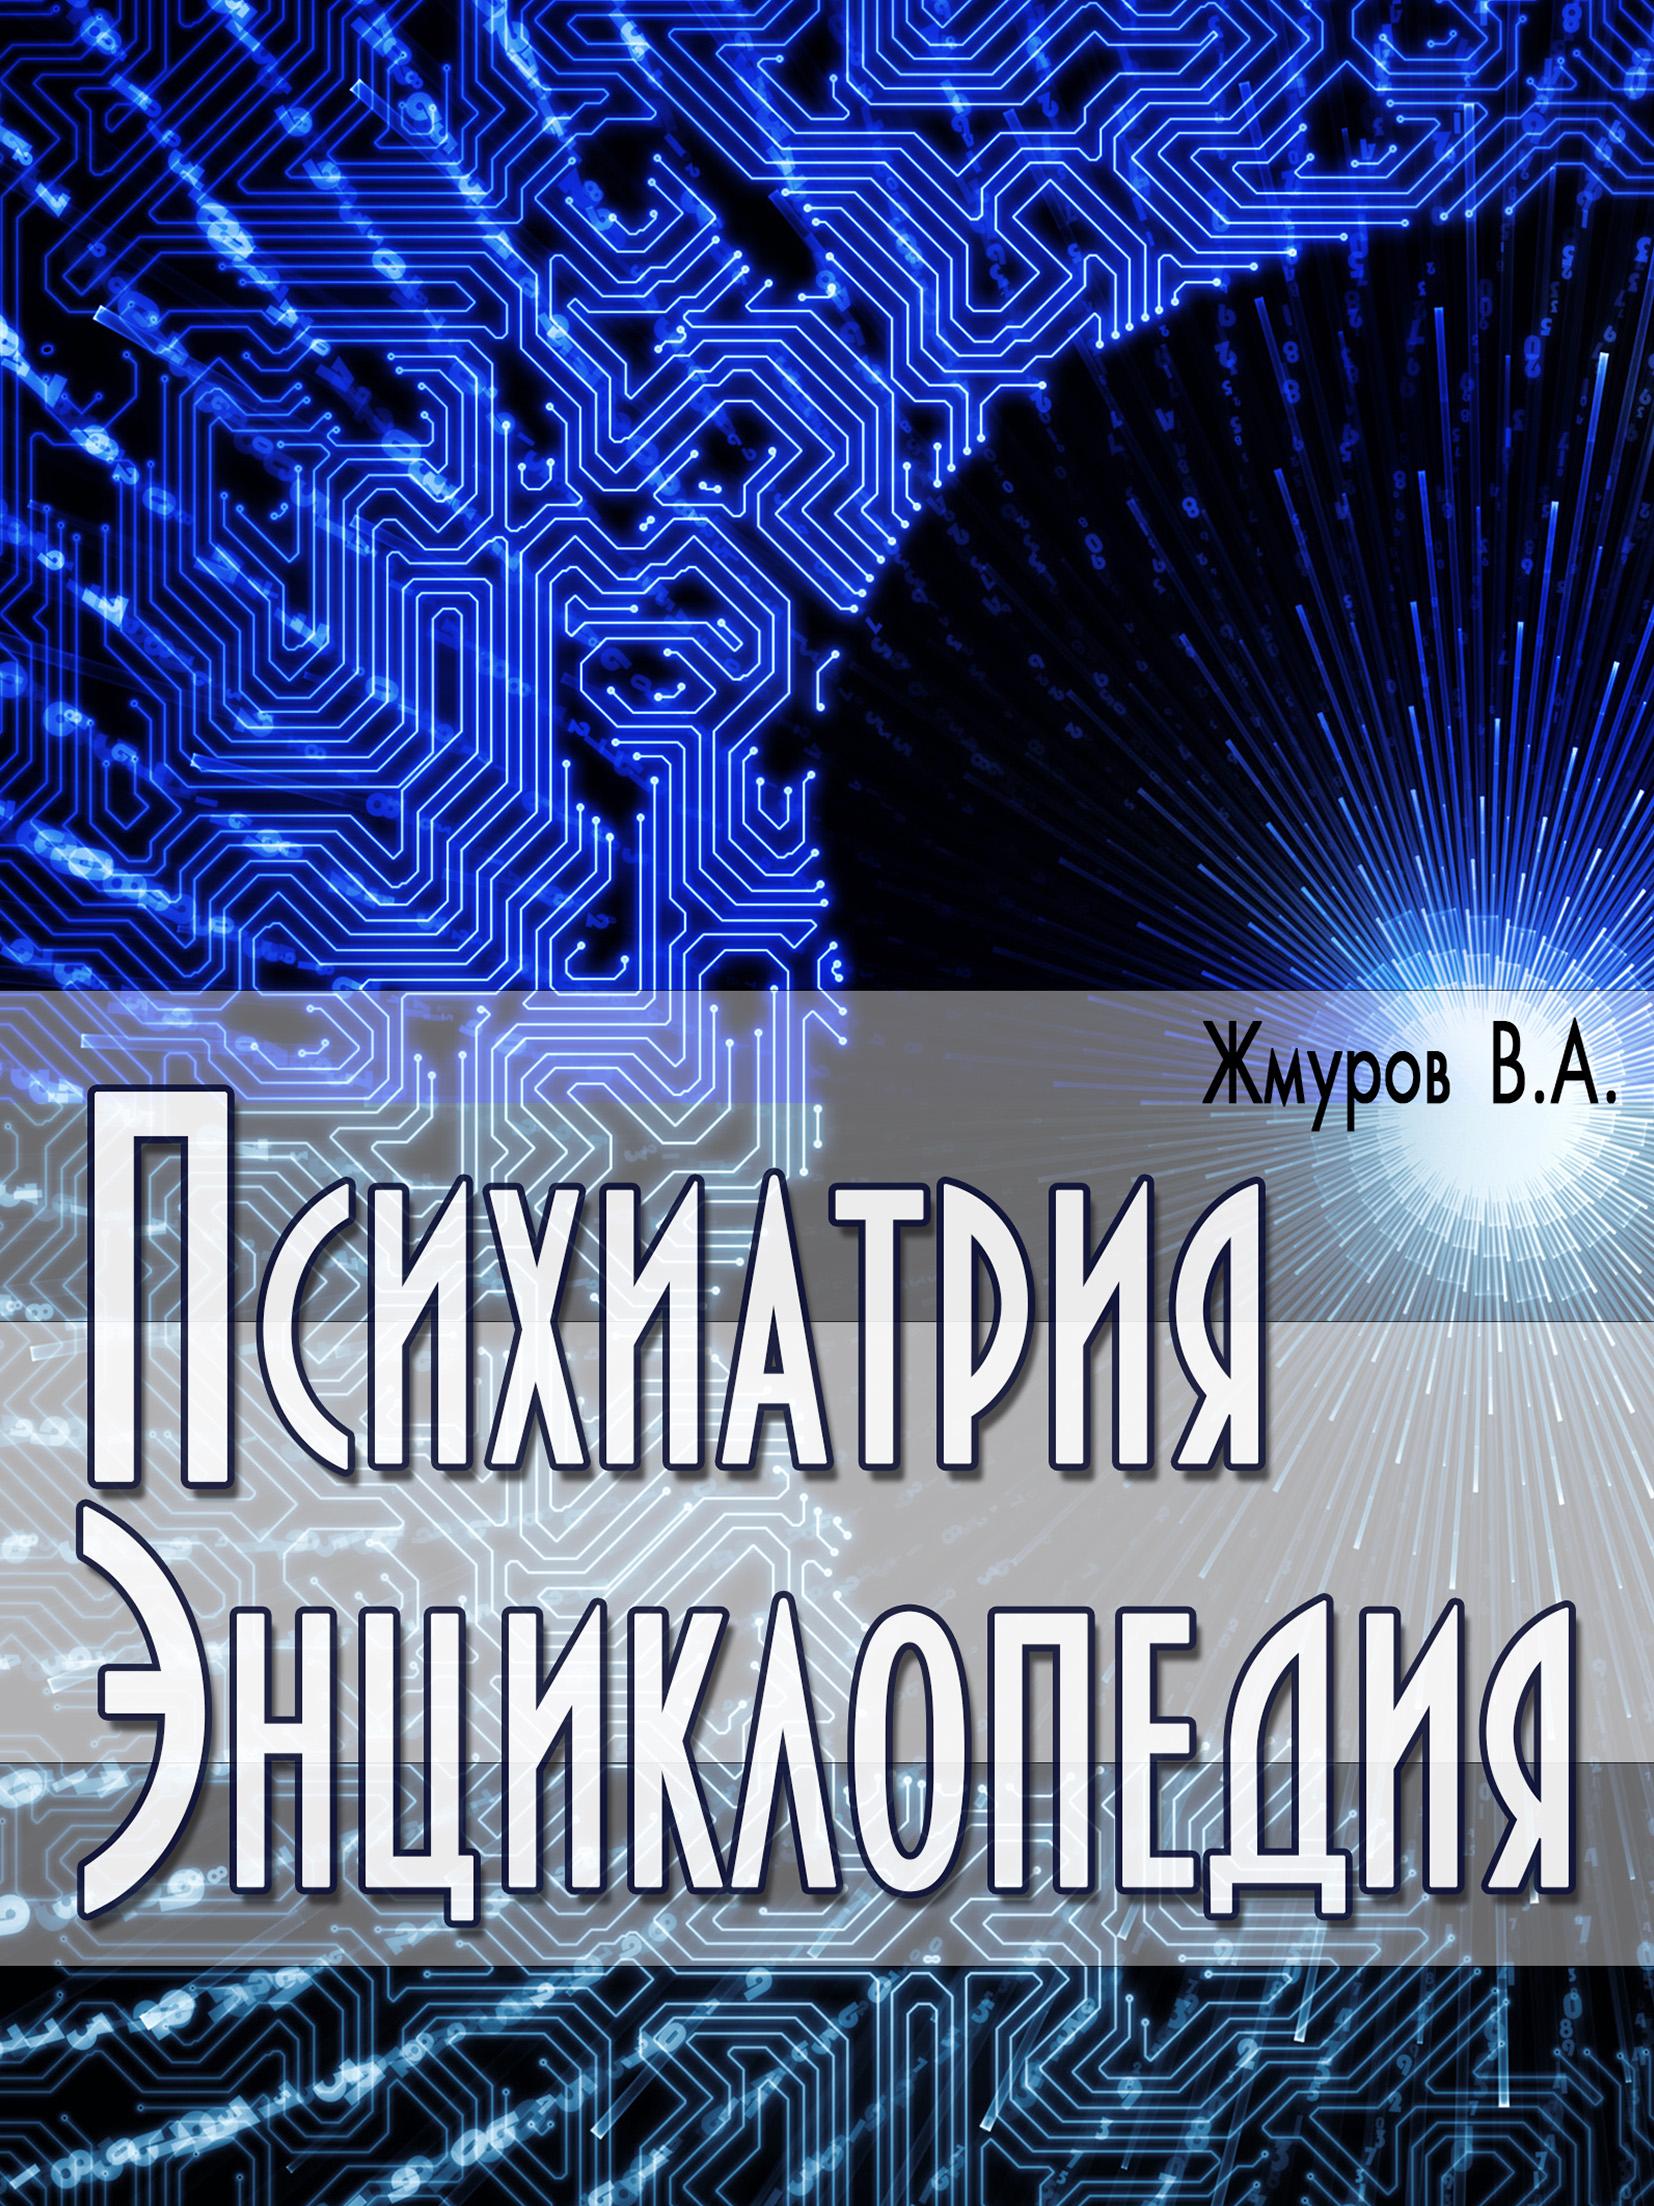 В. А. Жмуров Психиатрия. Энциклопедия цена в Москве и Питере